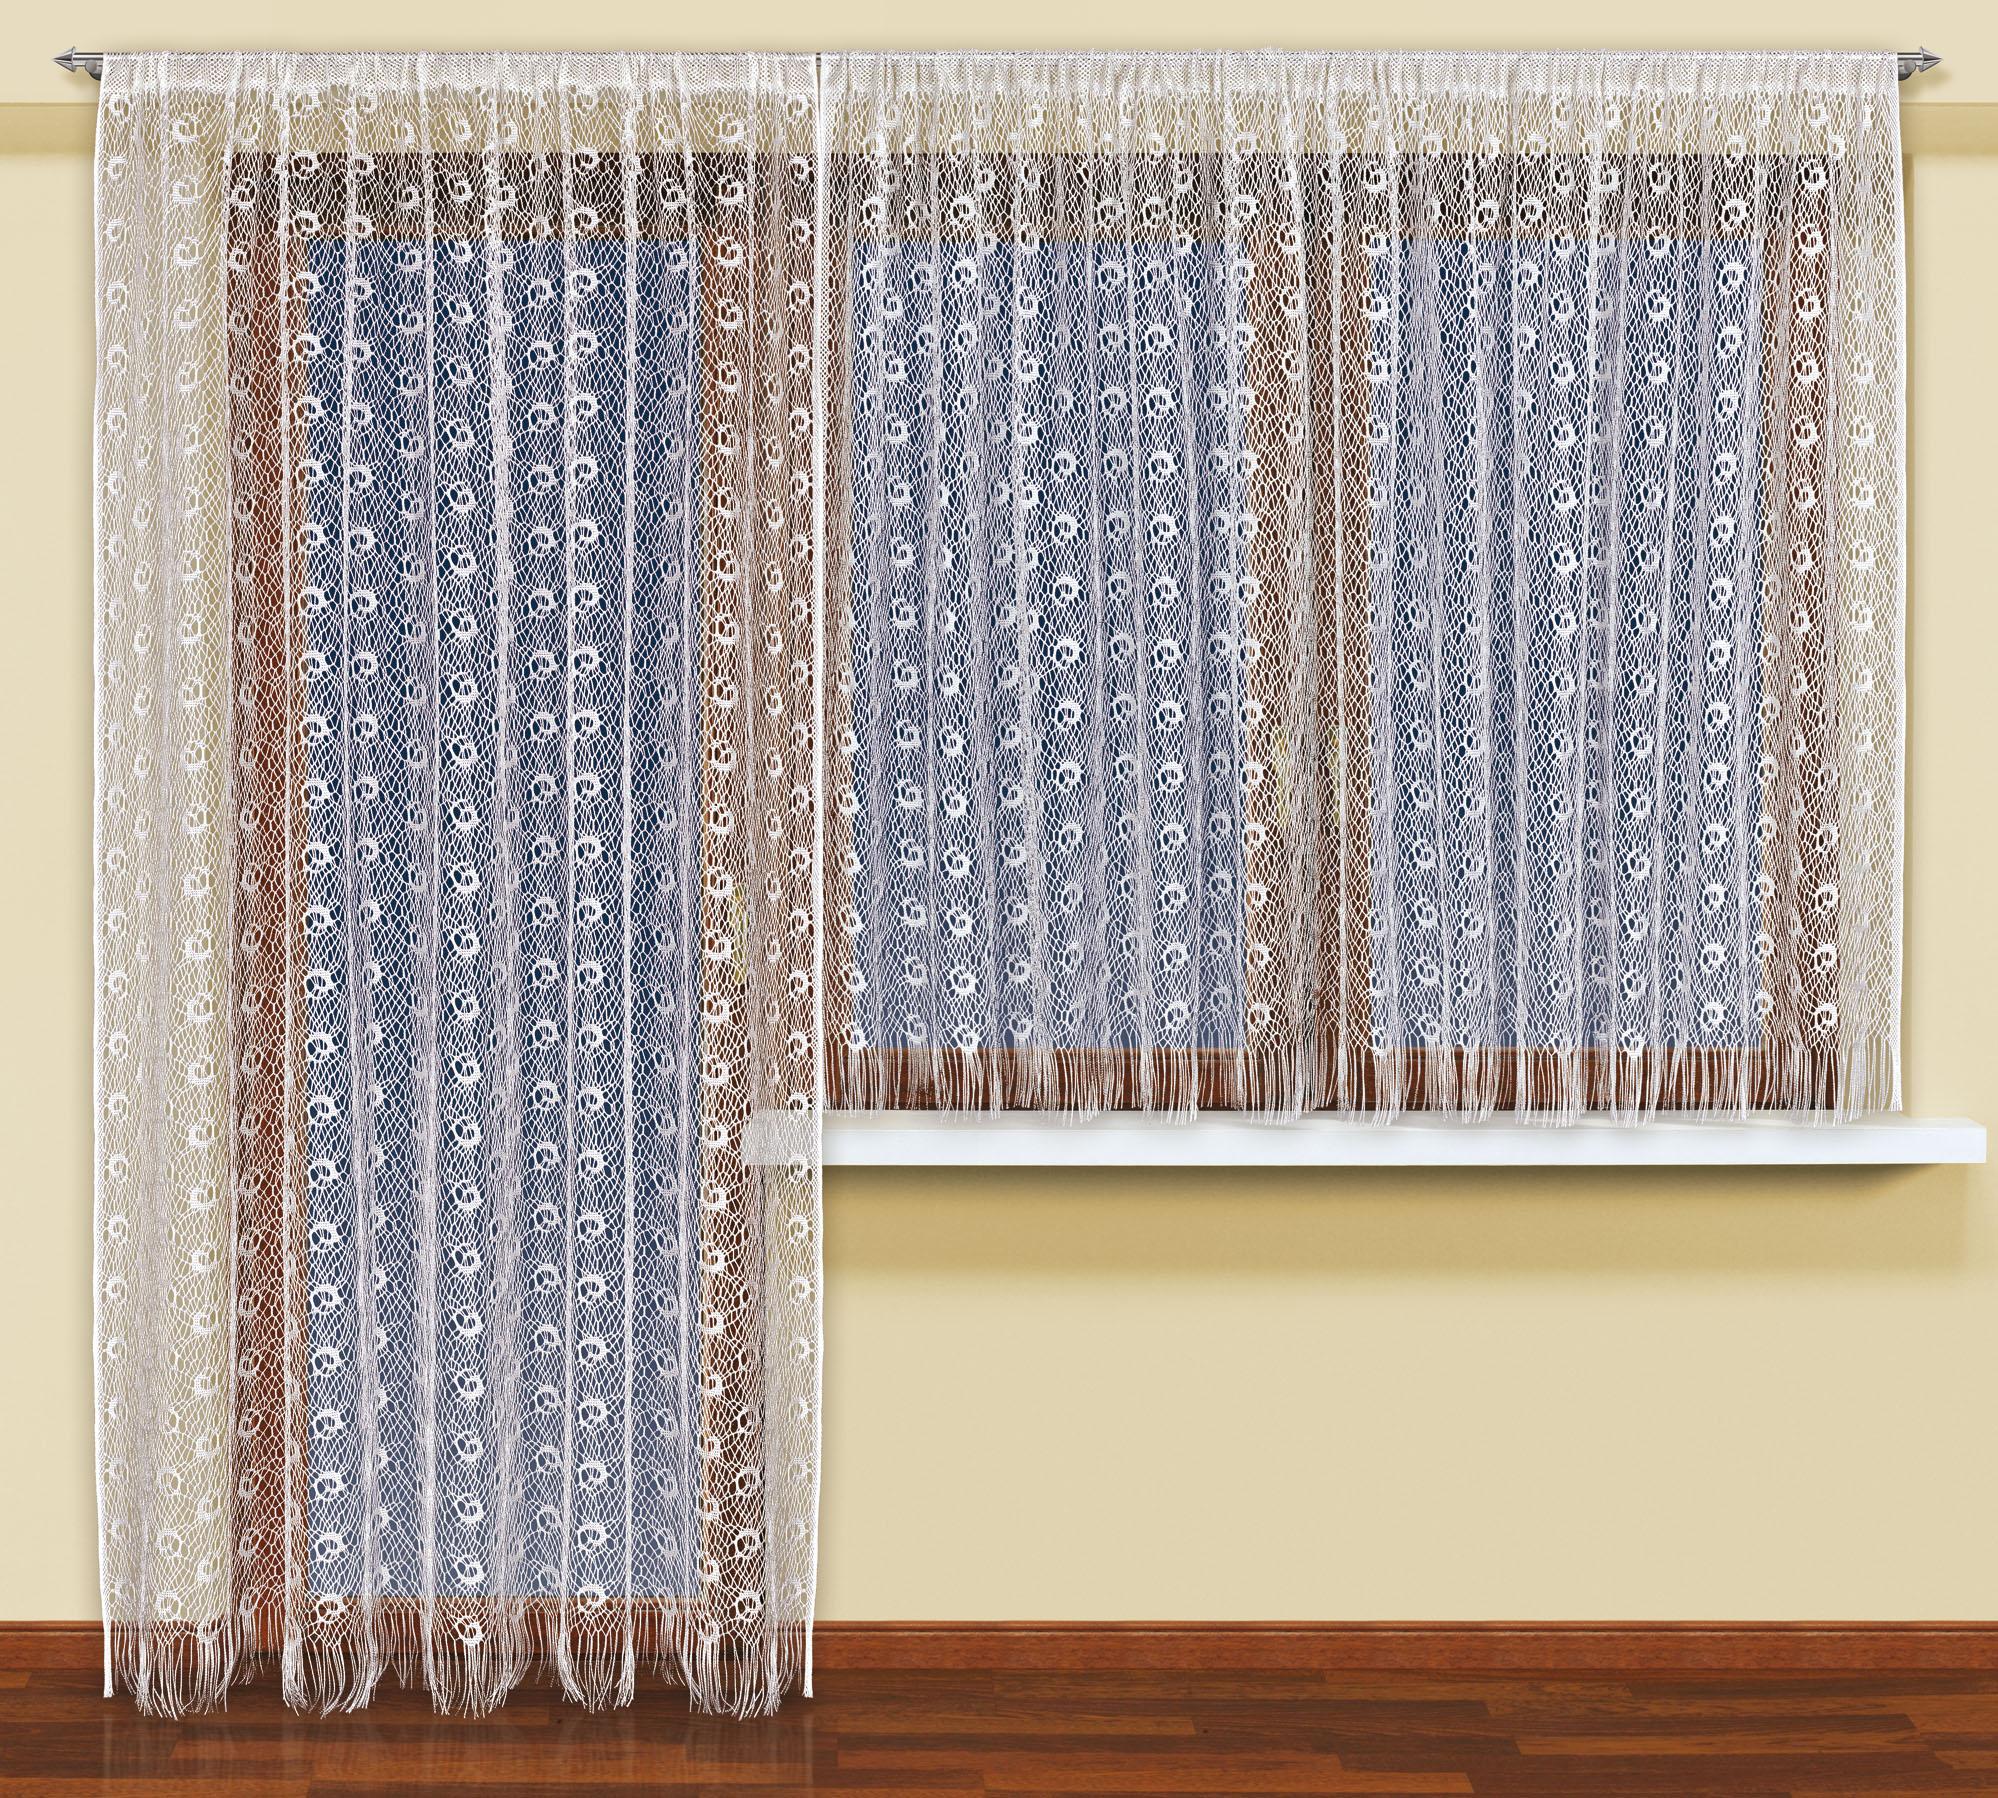 gardine mit tunnel stangendurchzug hera verdeckte schlaufen gardinenband. Black Bedroom Furniture Sets. Home Design Ideas